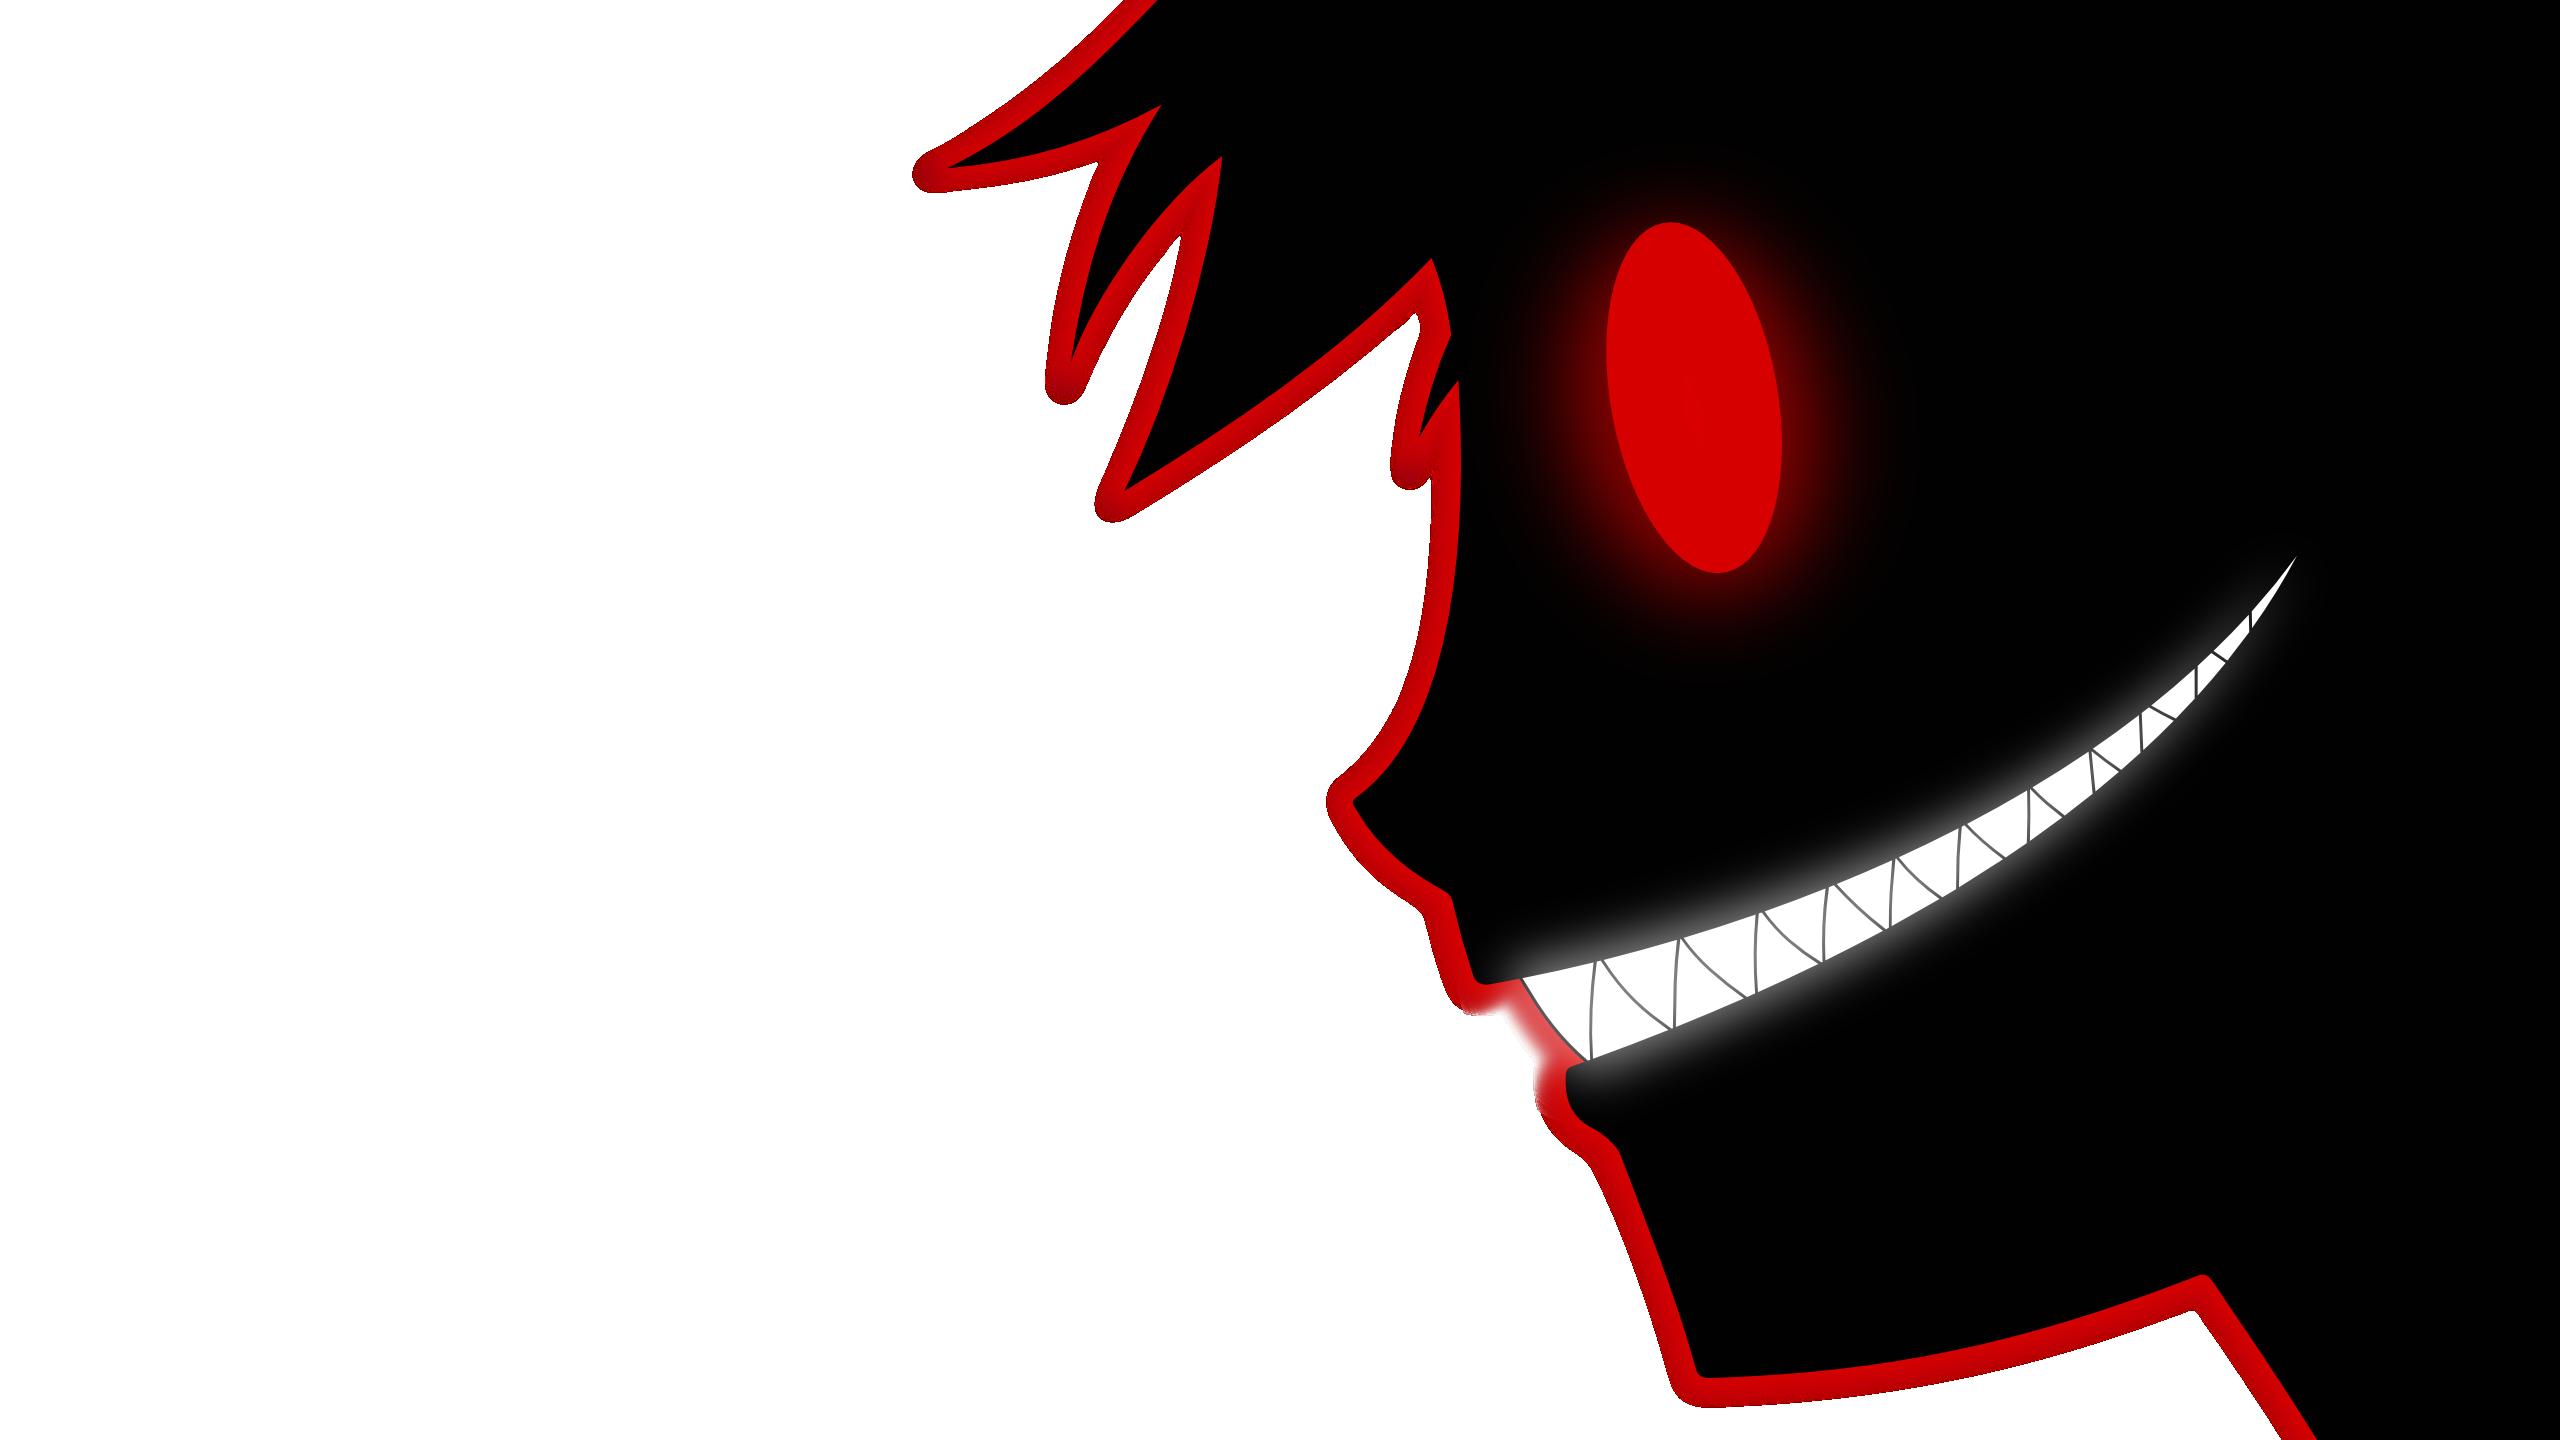 Red eyes minimalism anime. Eyeballs clipart bloodshot eye